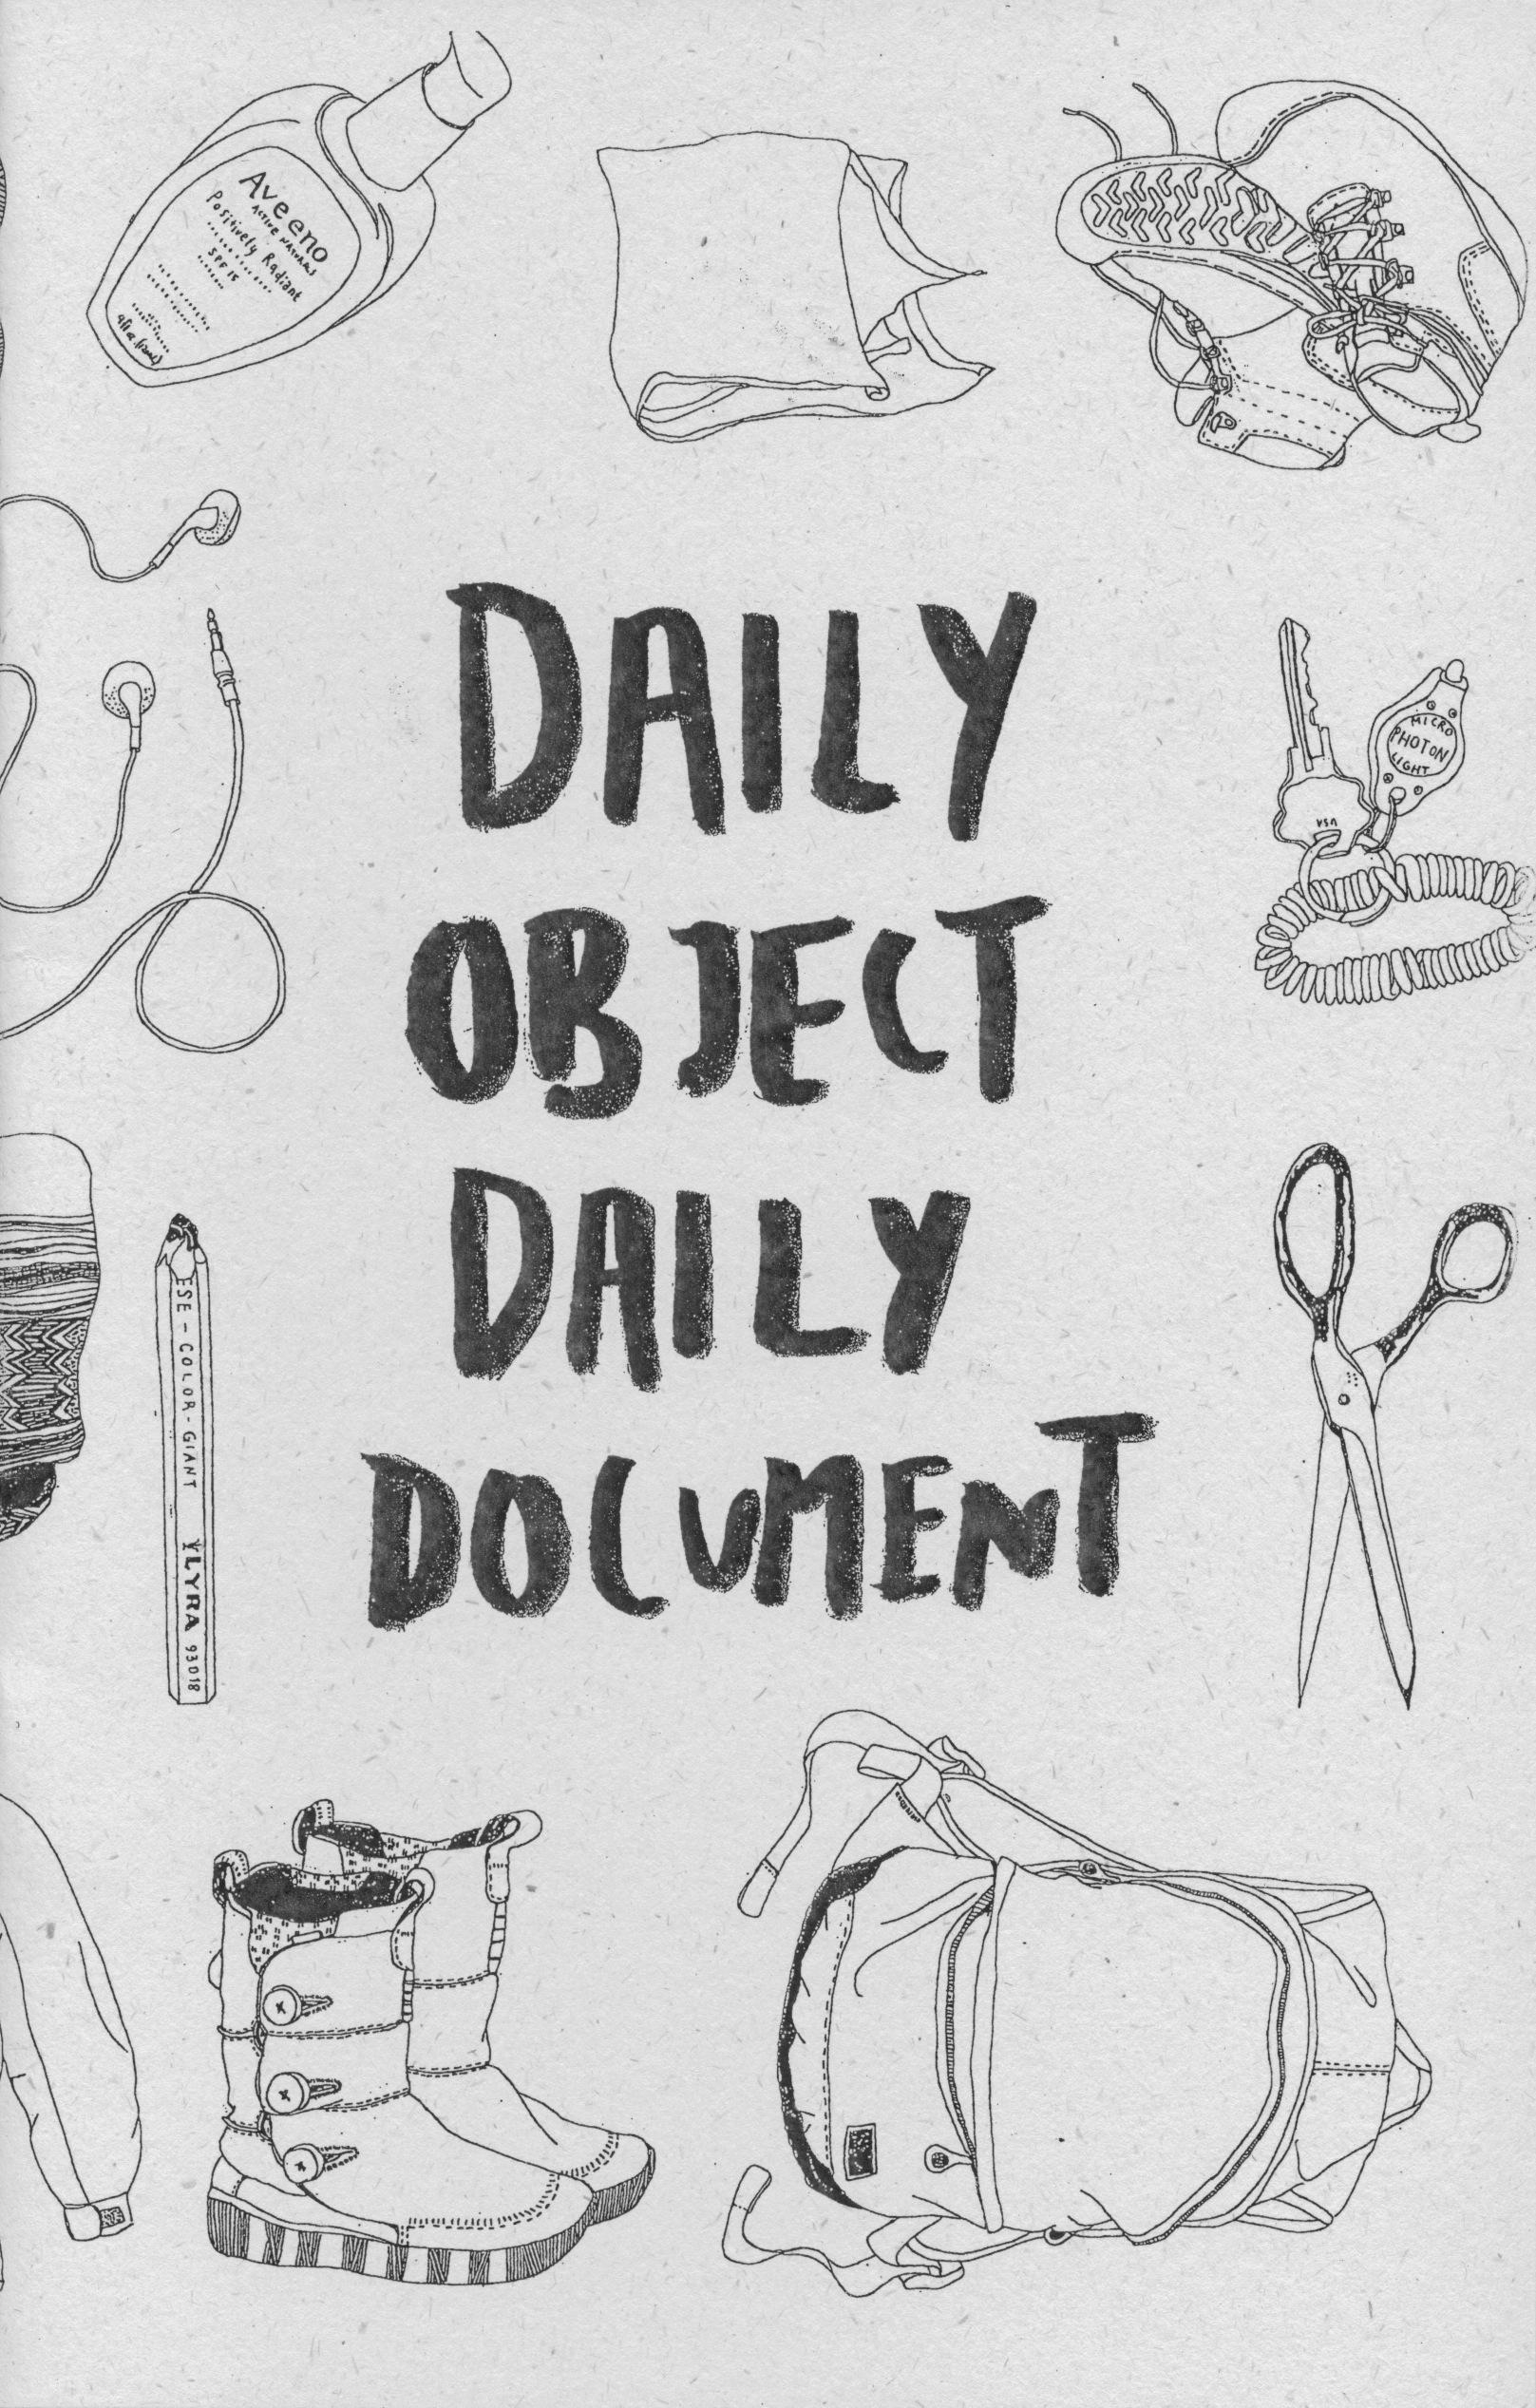 April 2014: Kione Kochi's Daily Object Daily Document